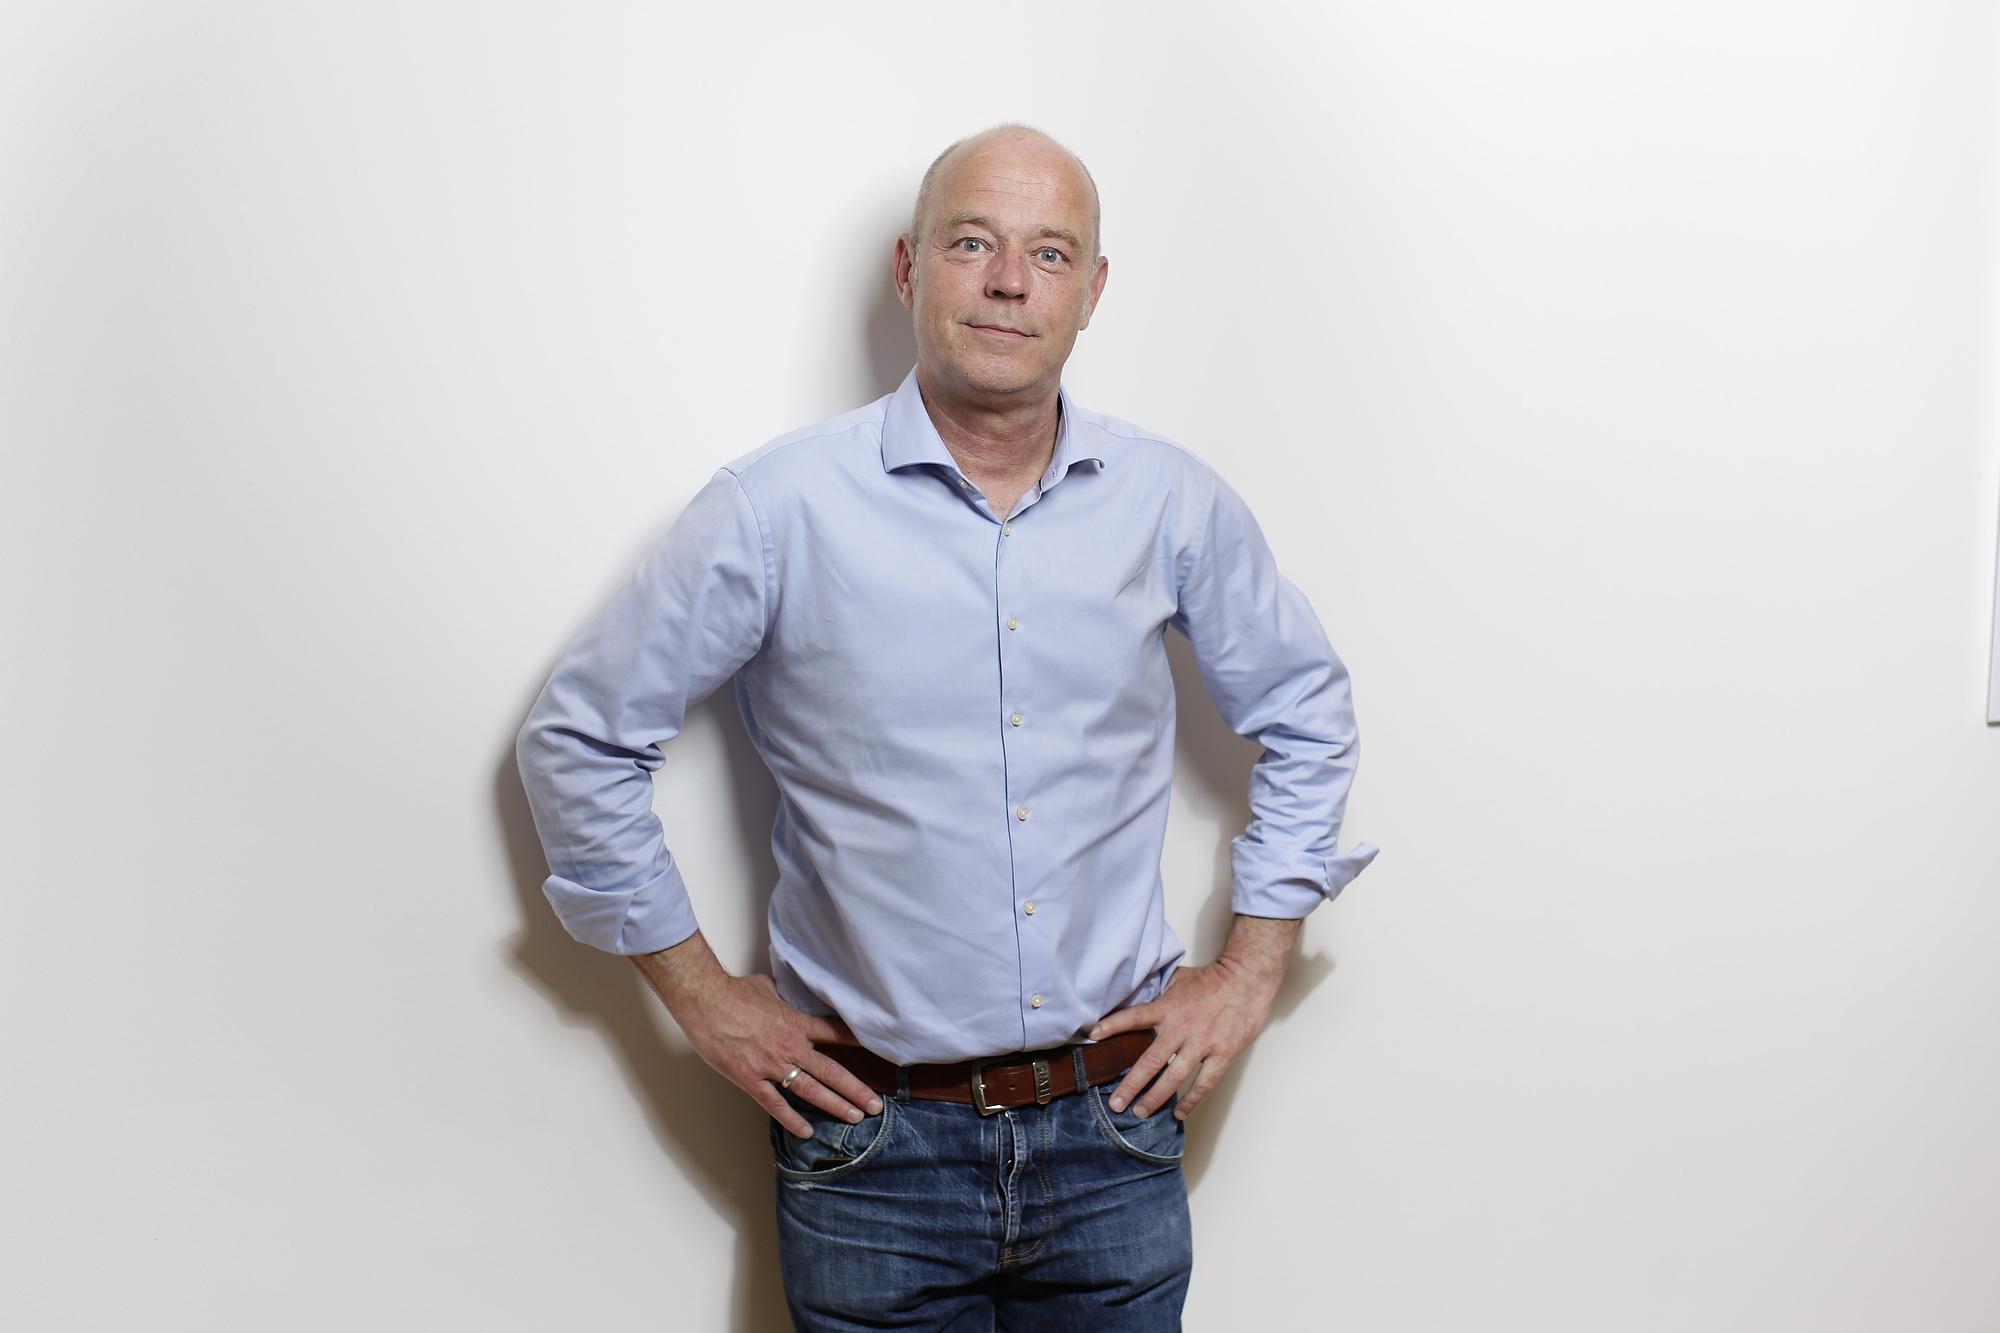 Jörg Hüster